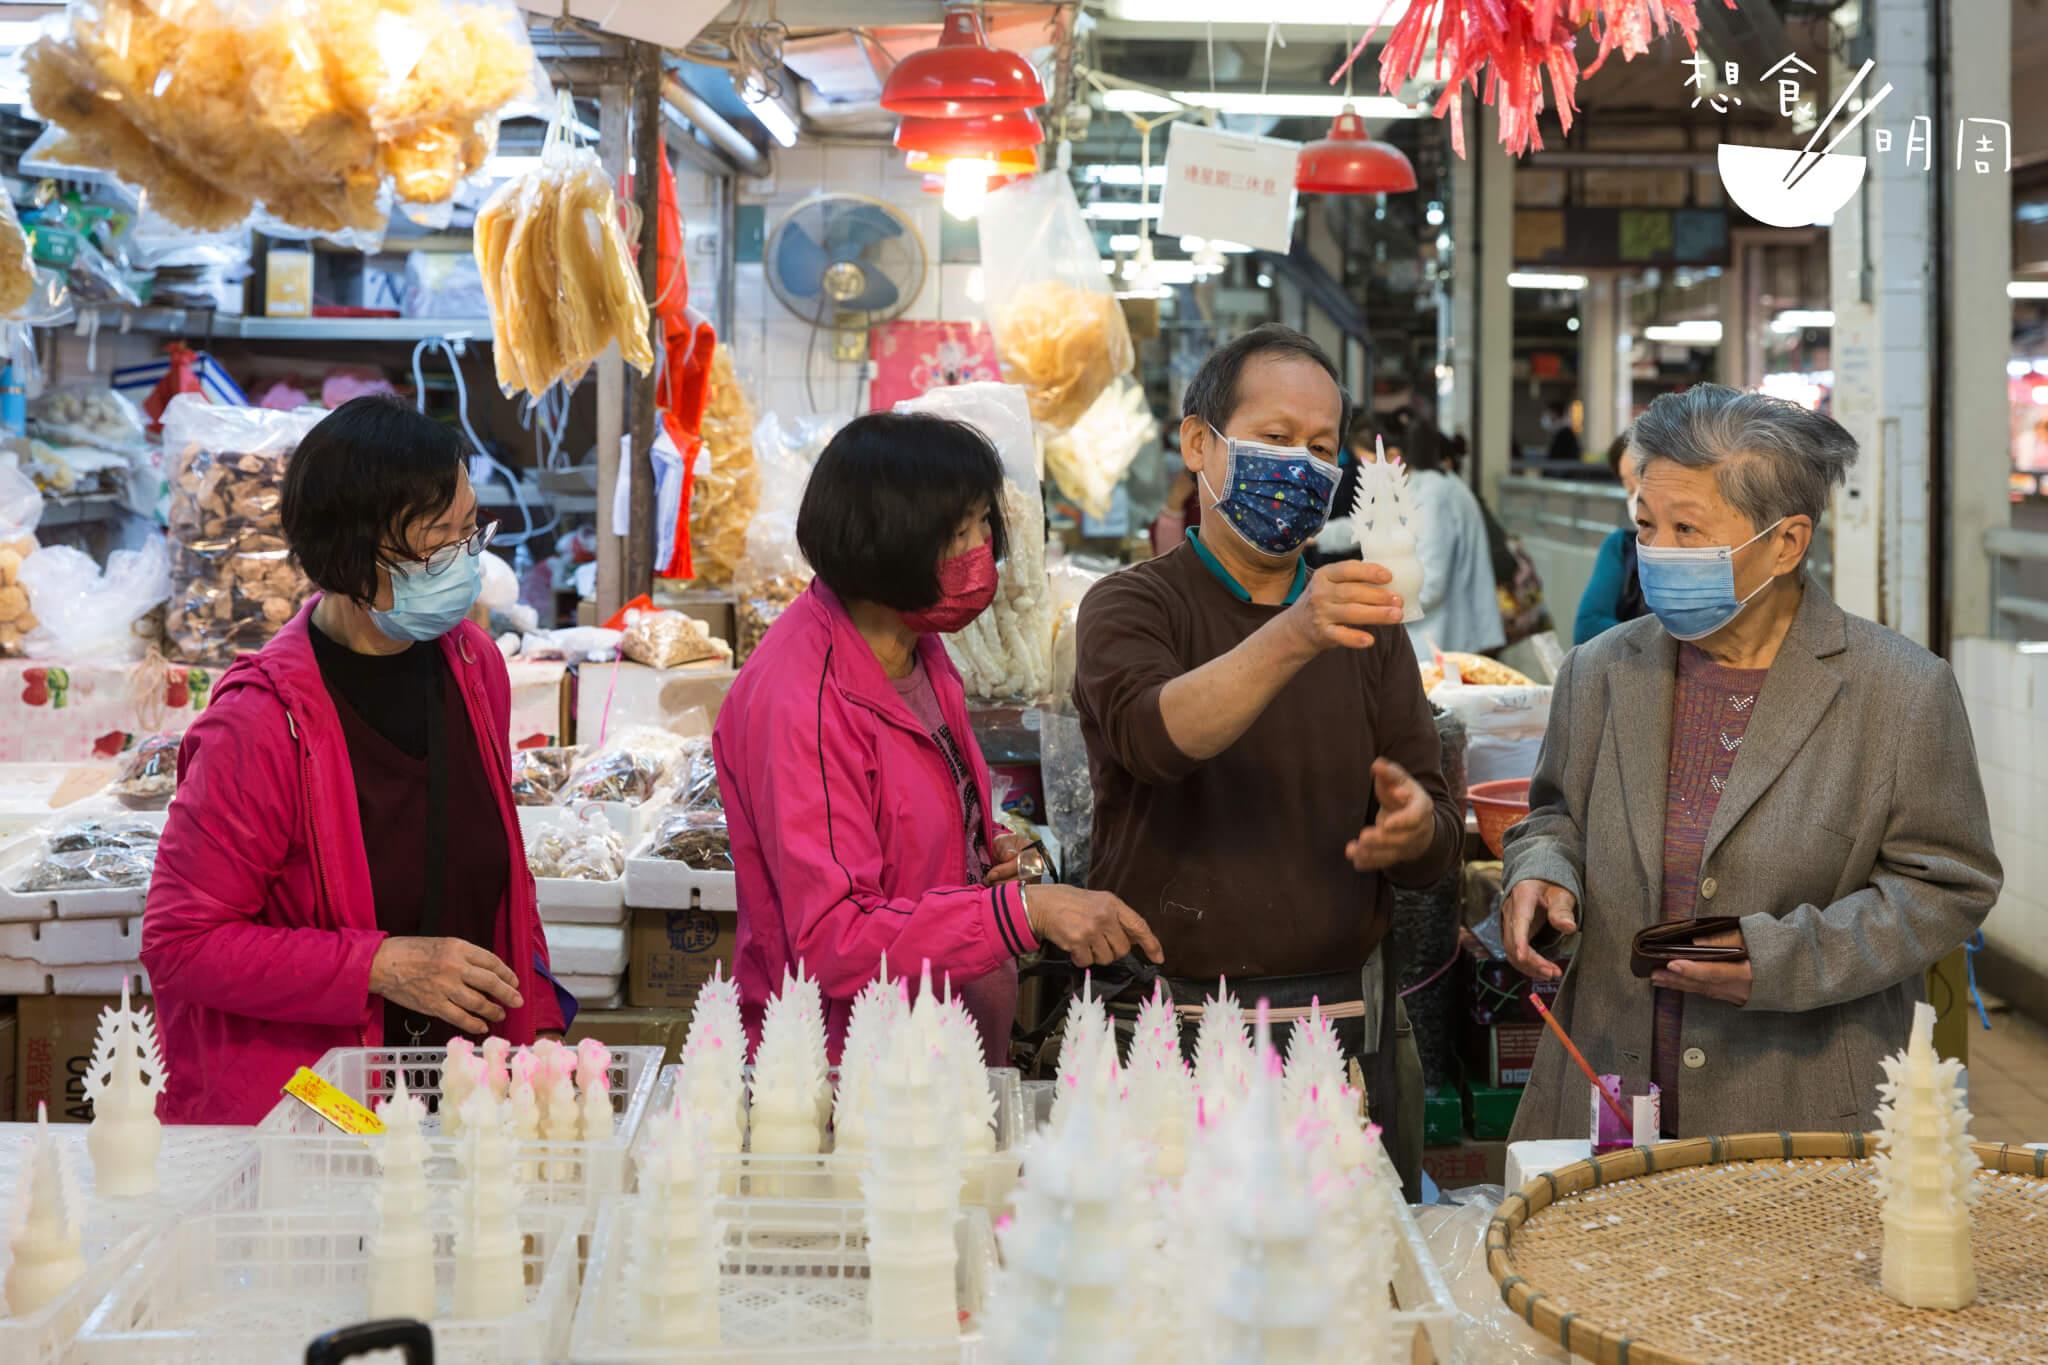 忠記雜貨店老闆鍾松弟一邊跟街坊介紹糖塔,一邊為他們挑選最好的。